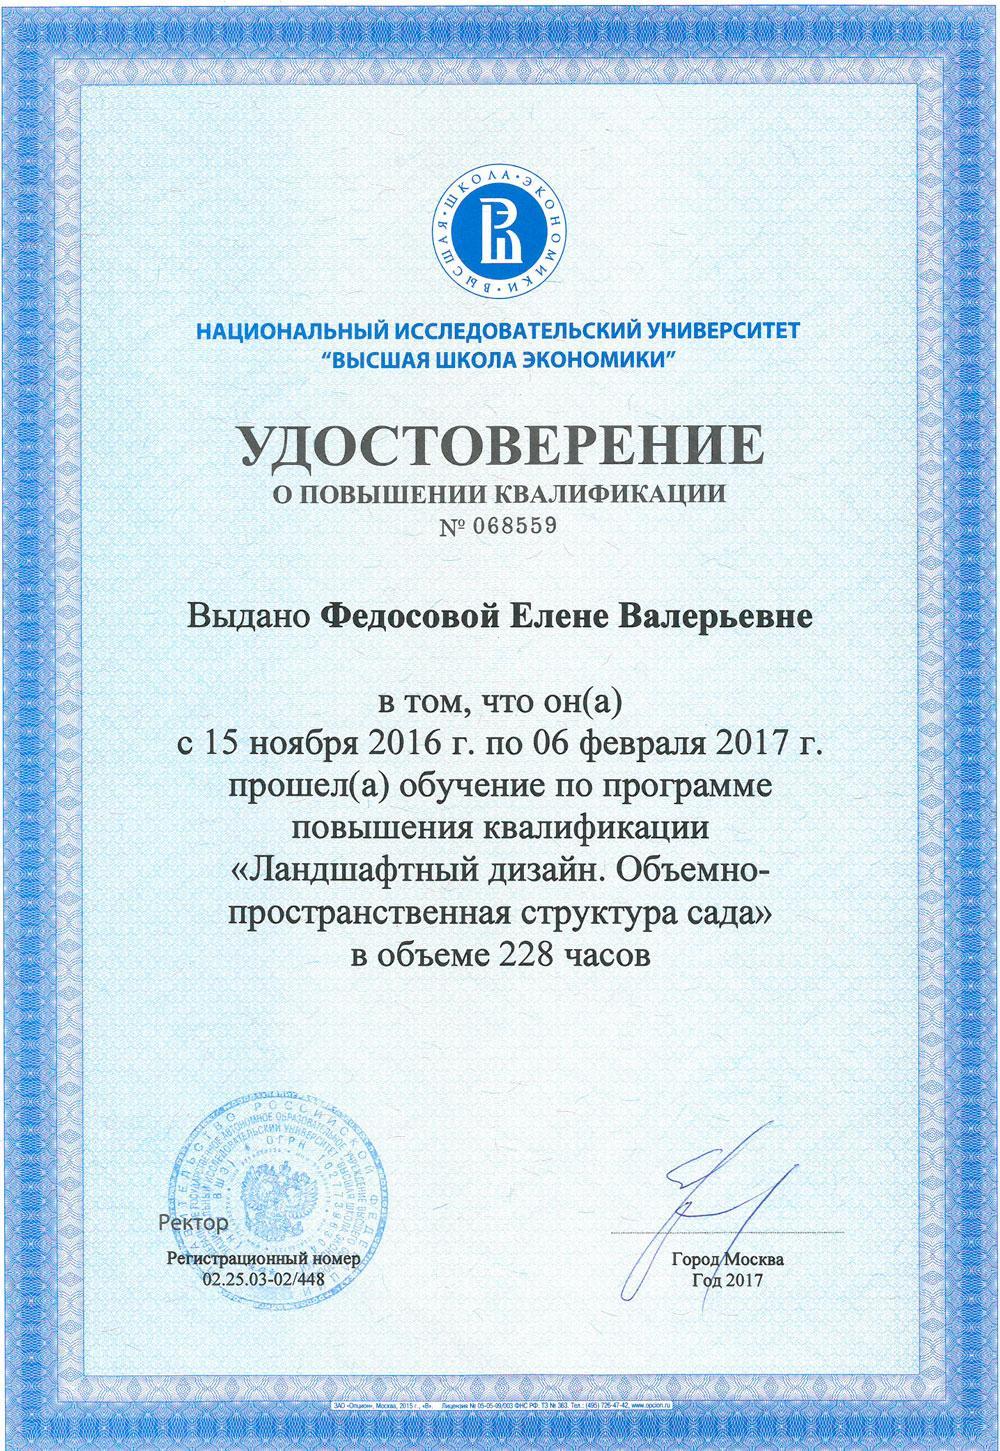 SKM_C224e19031413020-29